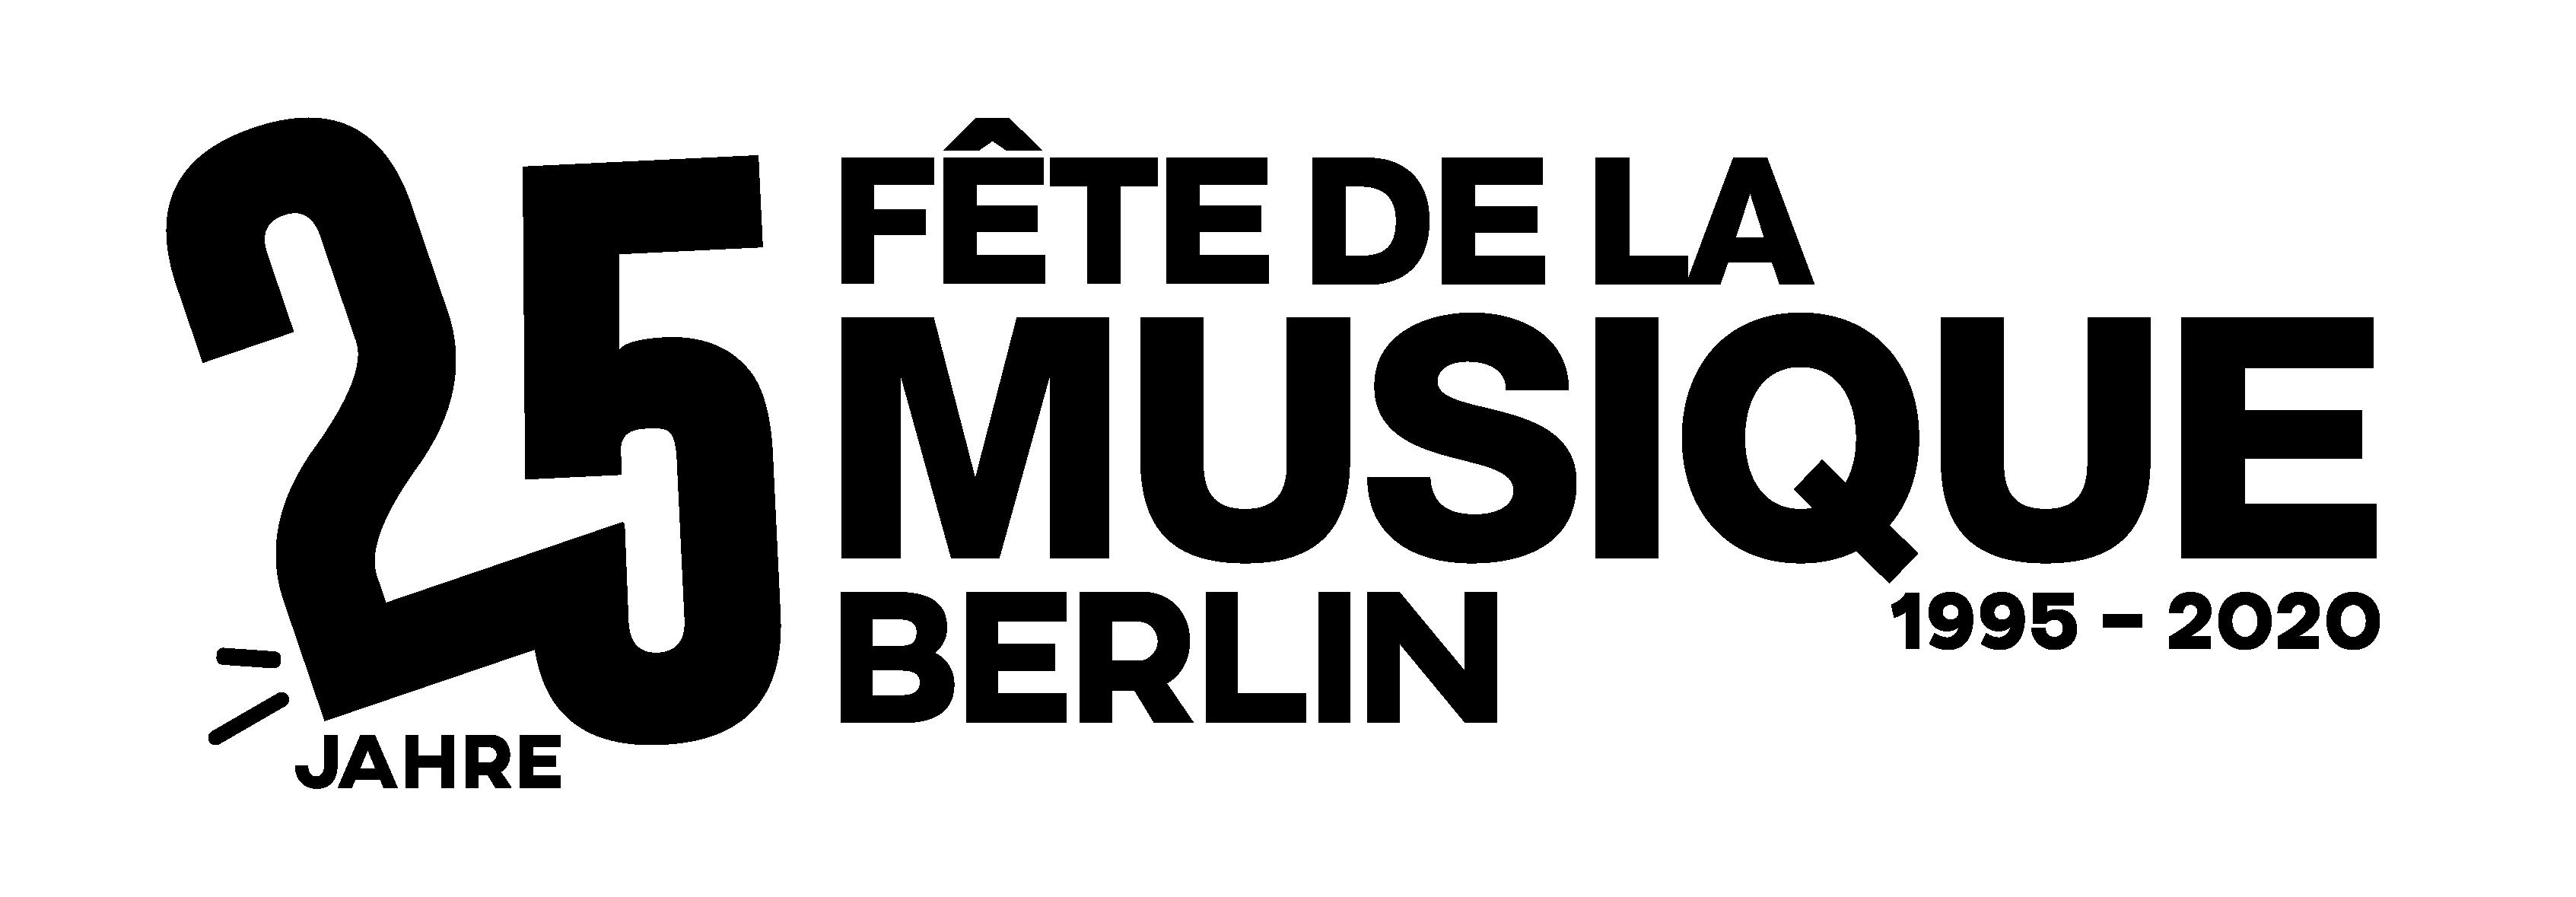 FETE Jubiläums Logo